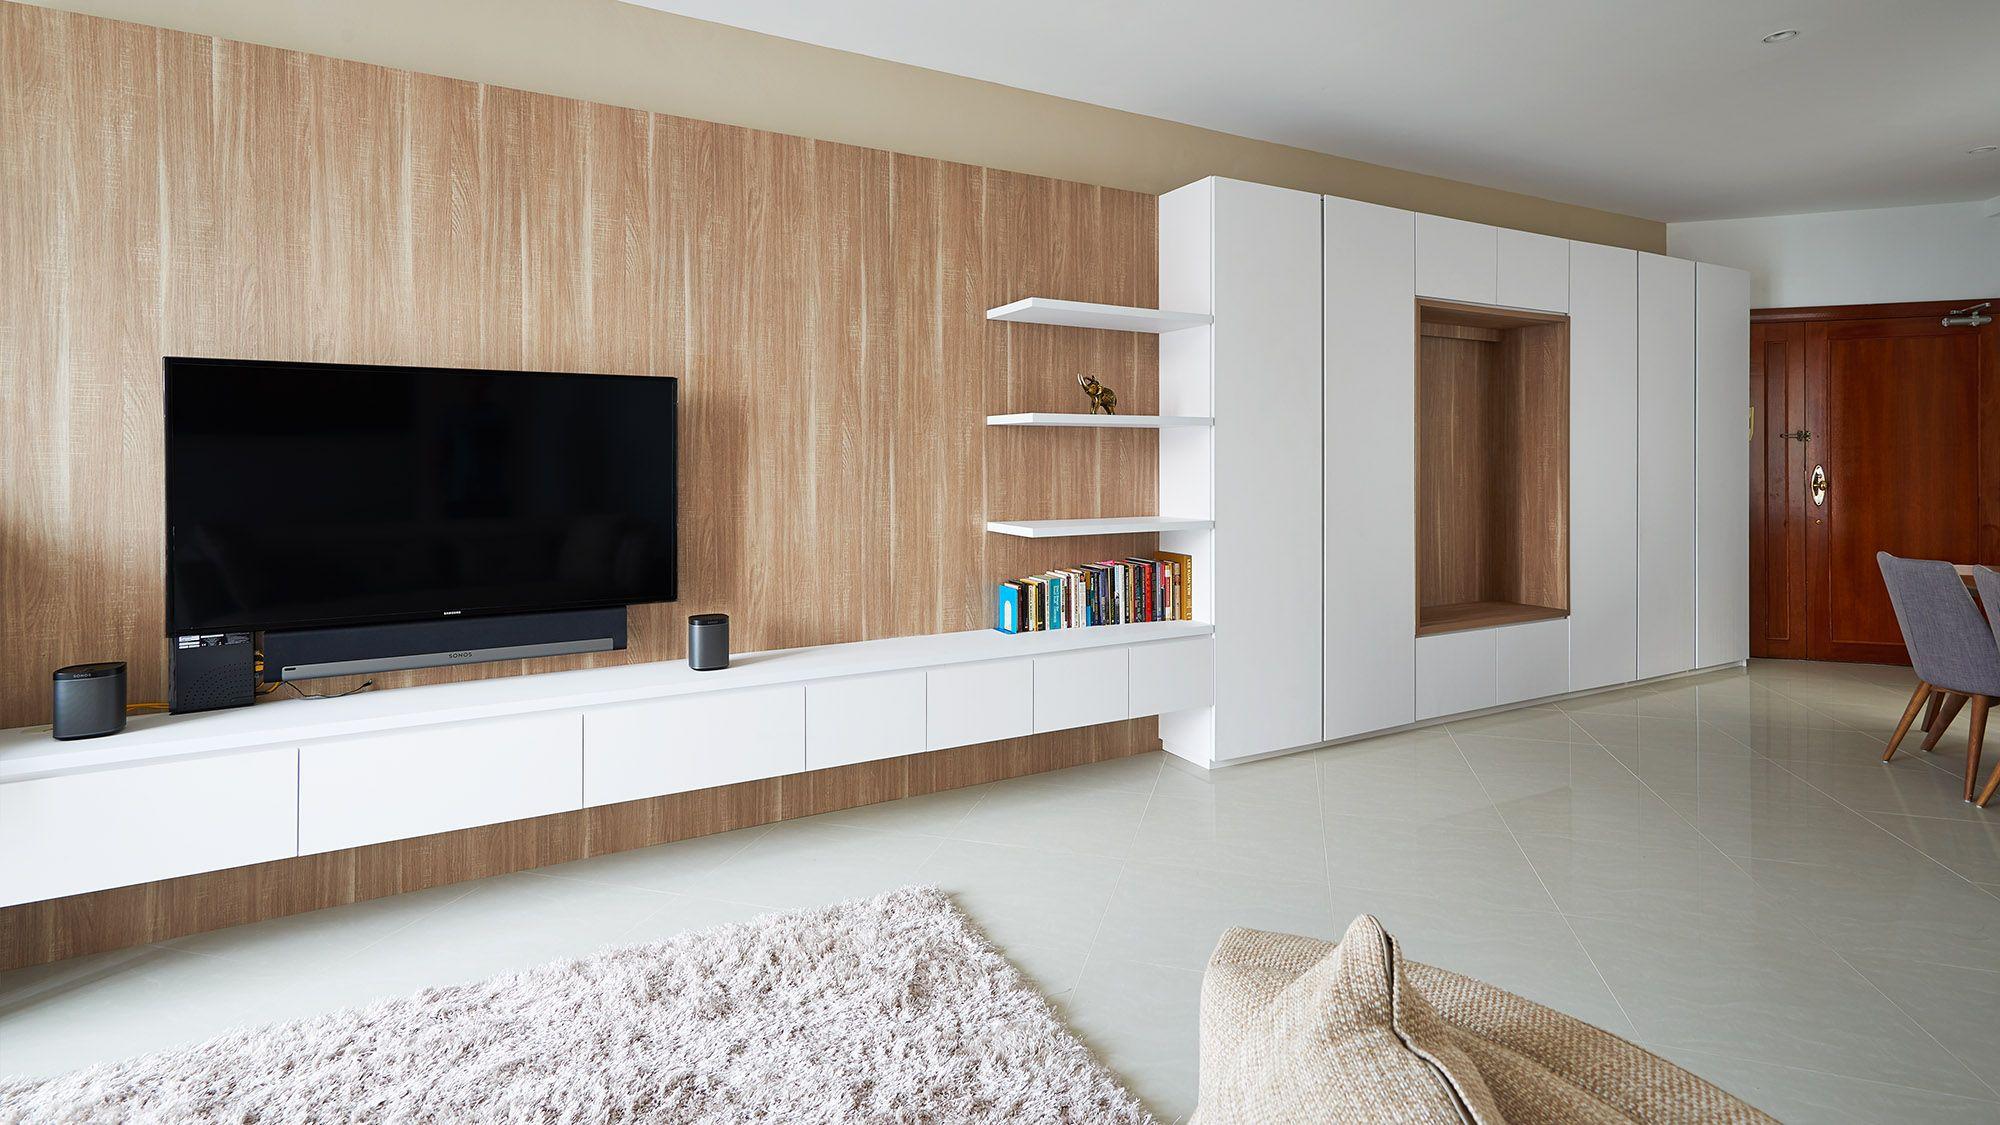 Bayshore modern contemporary home decor singapore - Interior design living room cabinets ...